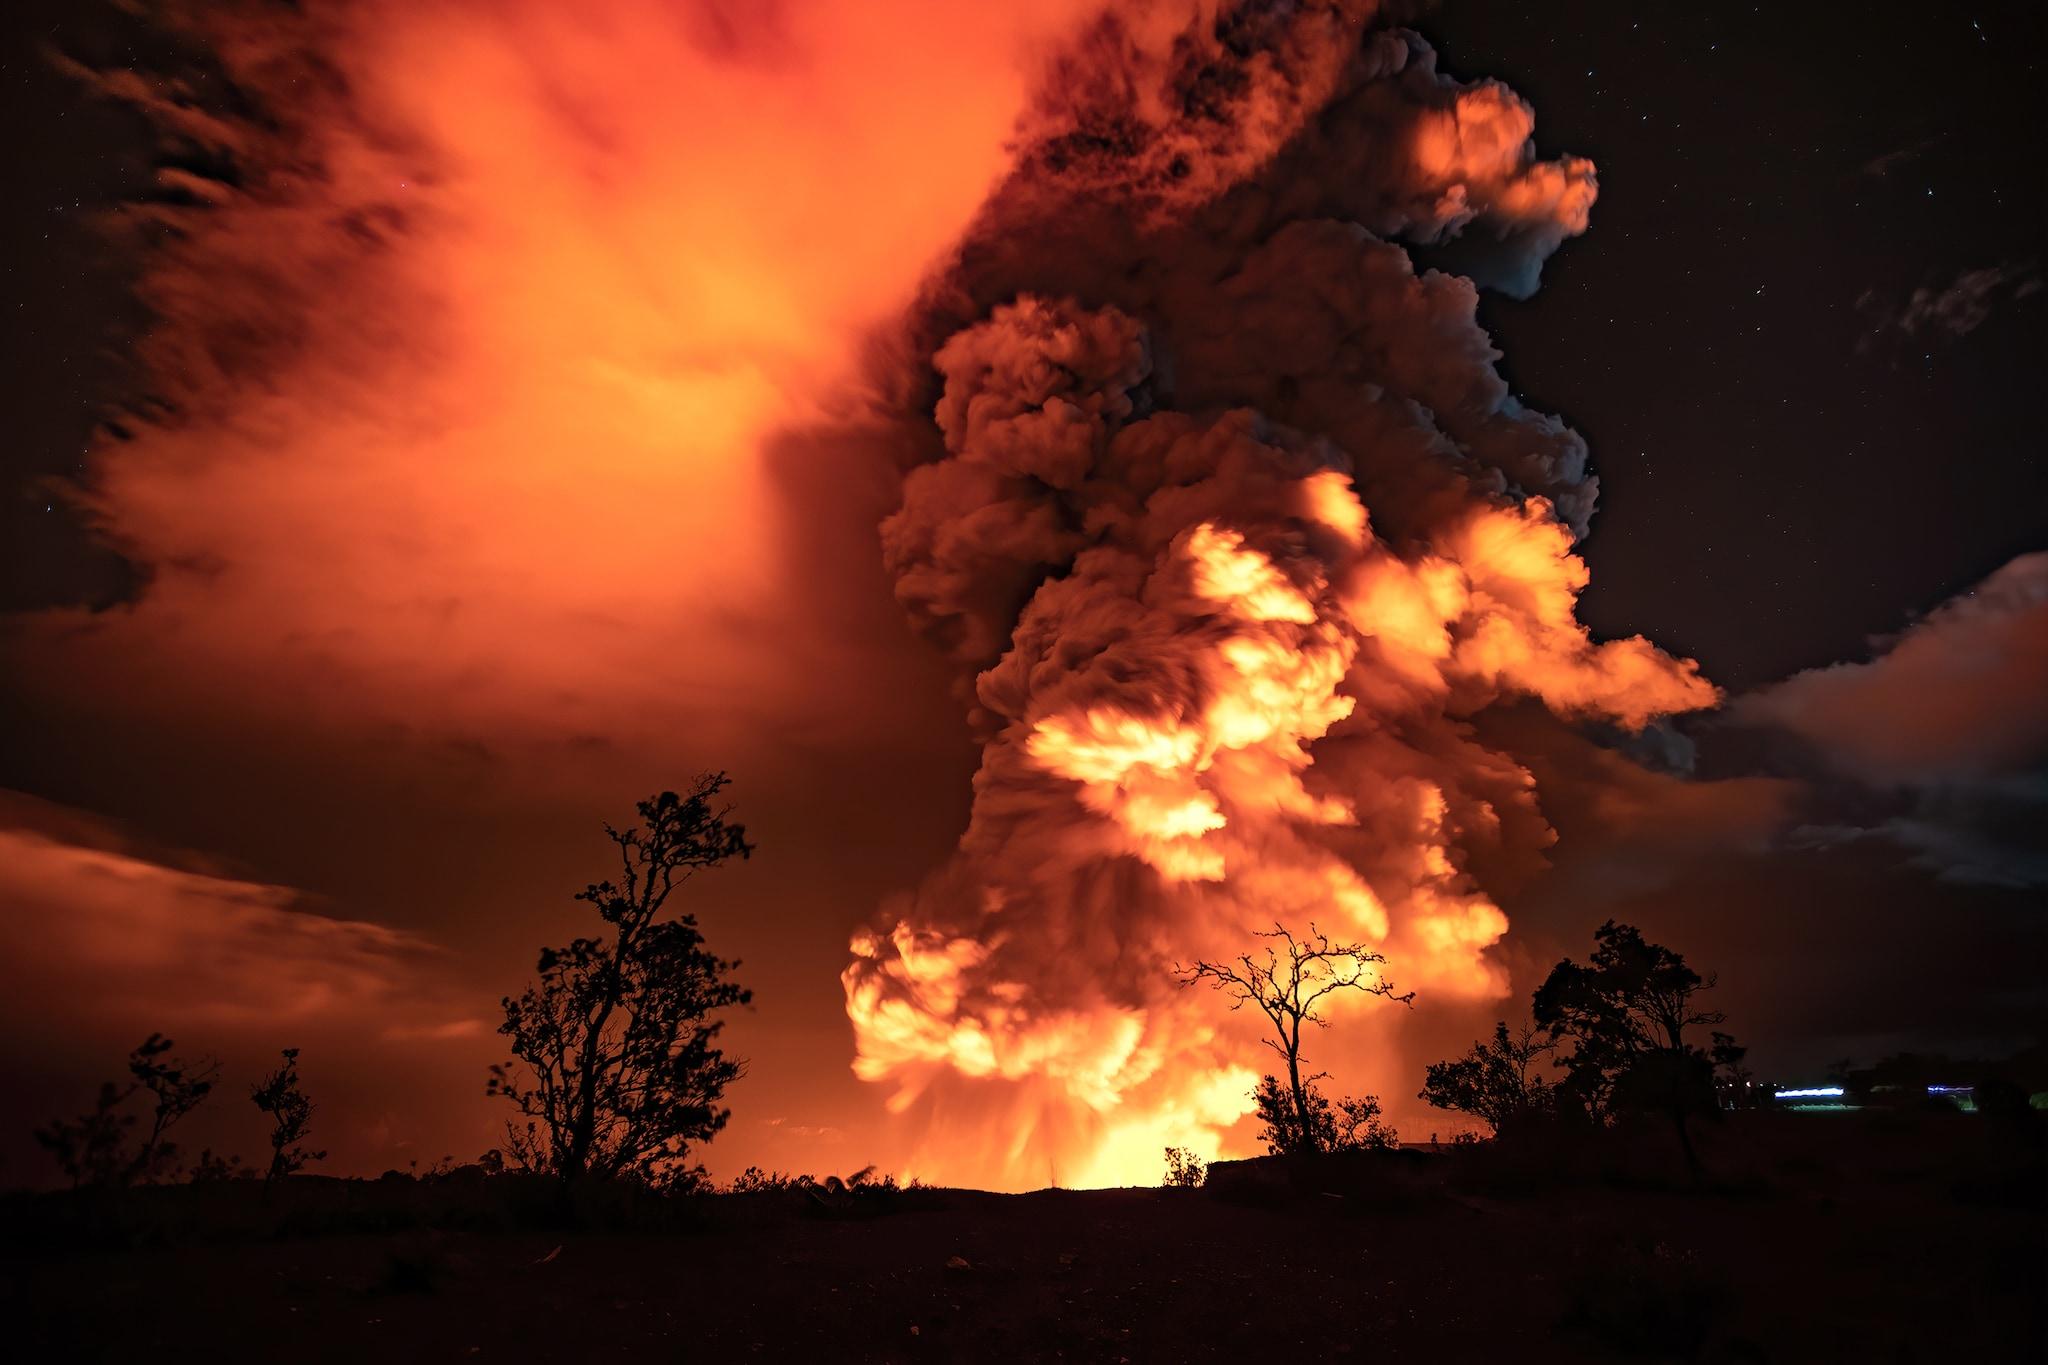 வெடித்துச் சிதறிய கிலாவியா எரிமலையின் புகைப்படம்